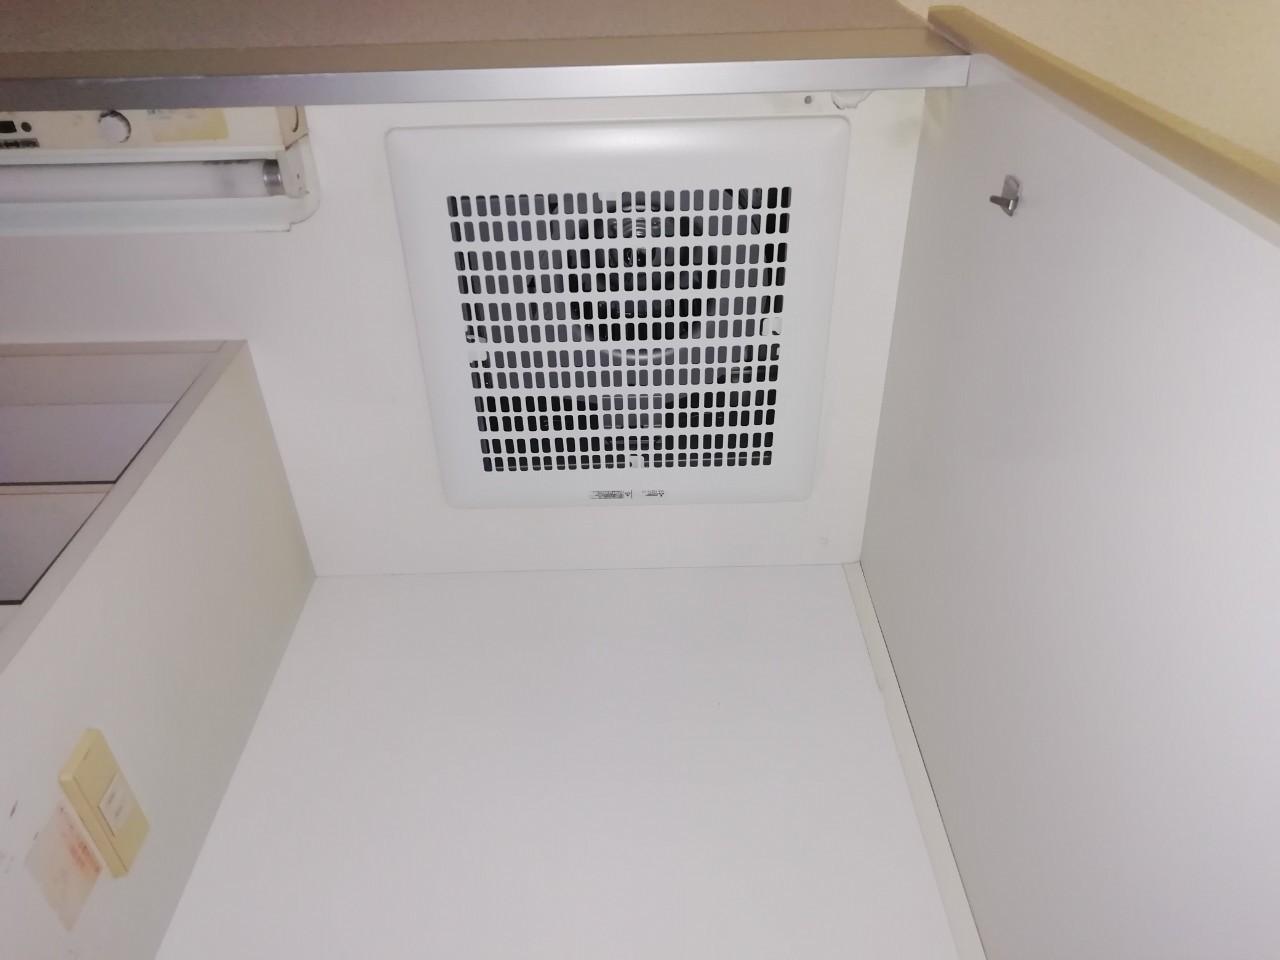 ミニキッチン換気扇の交換|VD-15ZY9|京都市左京区